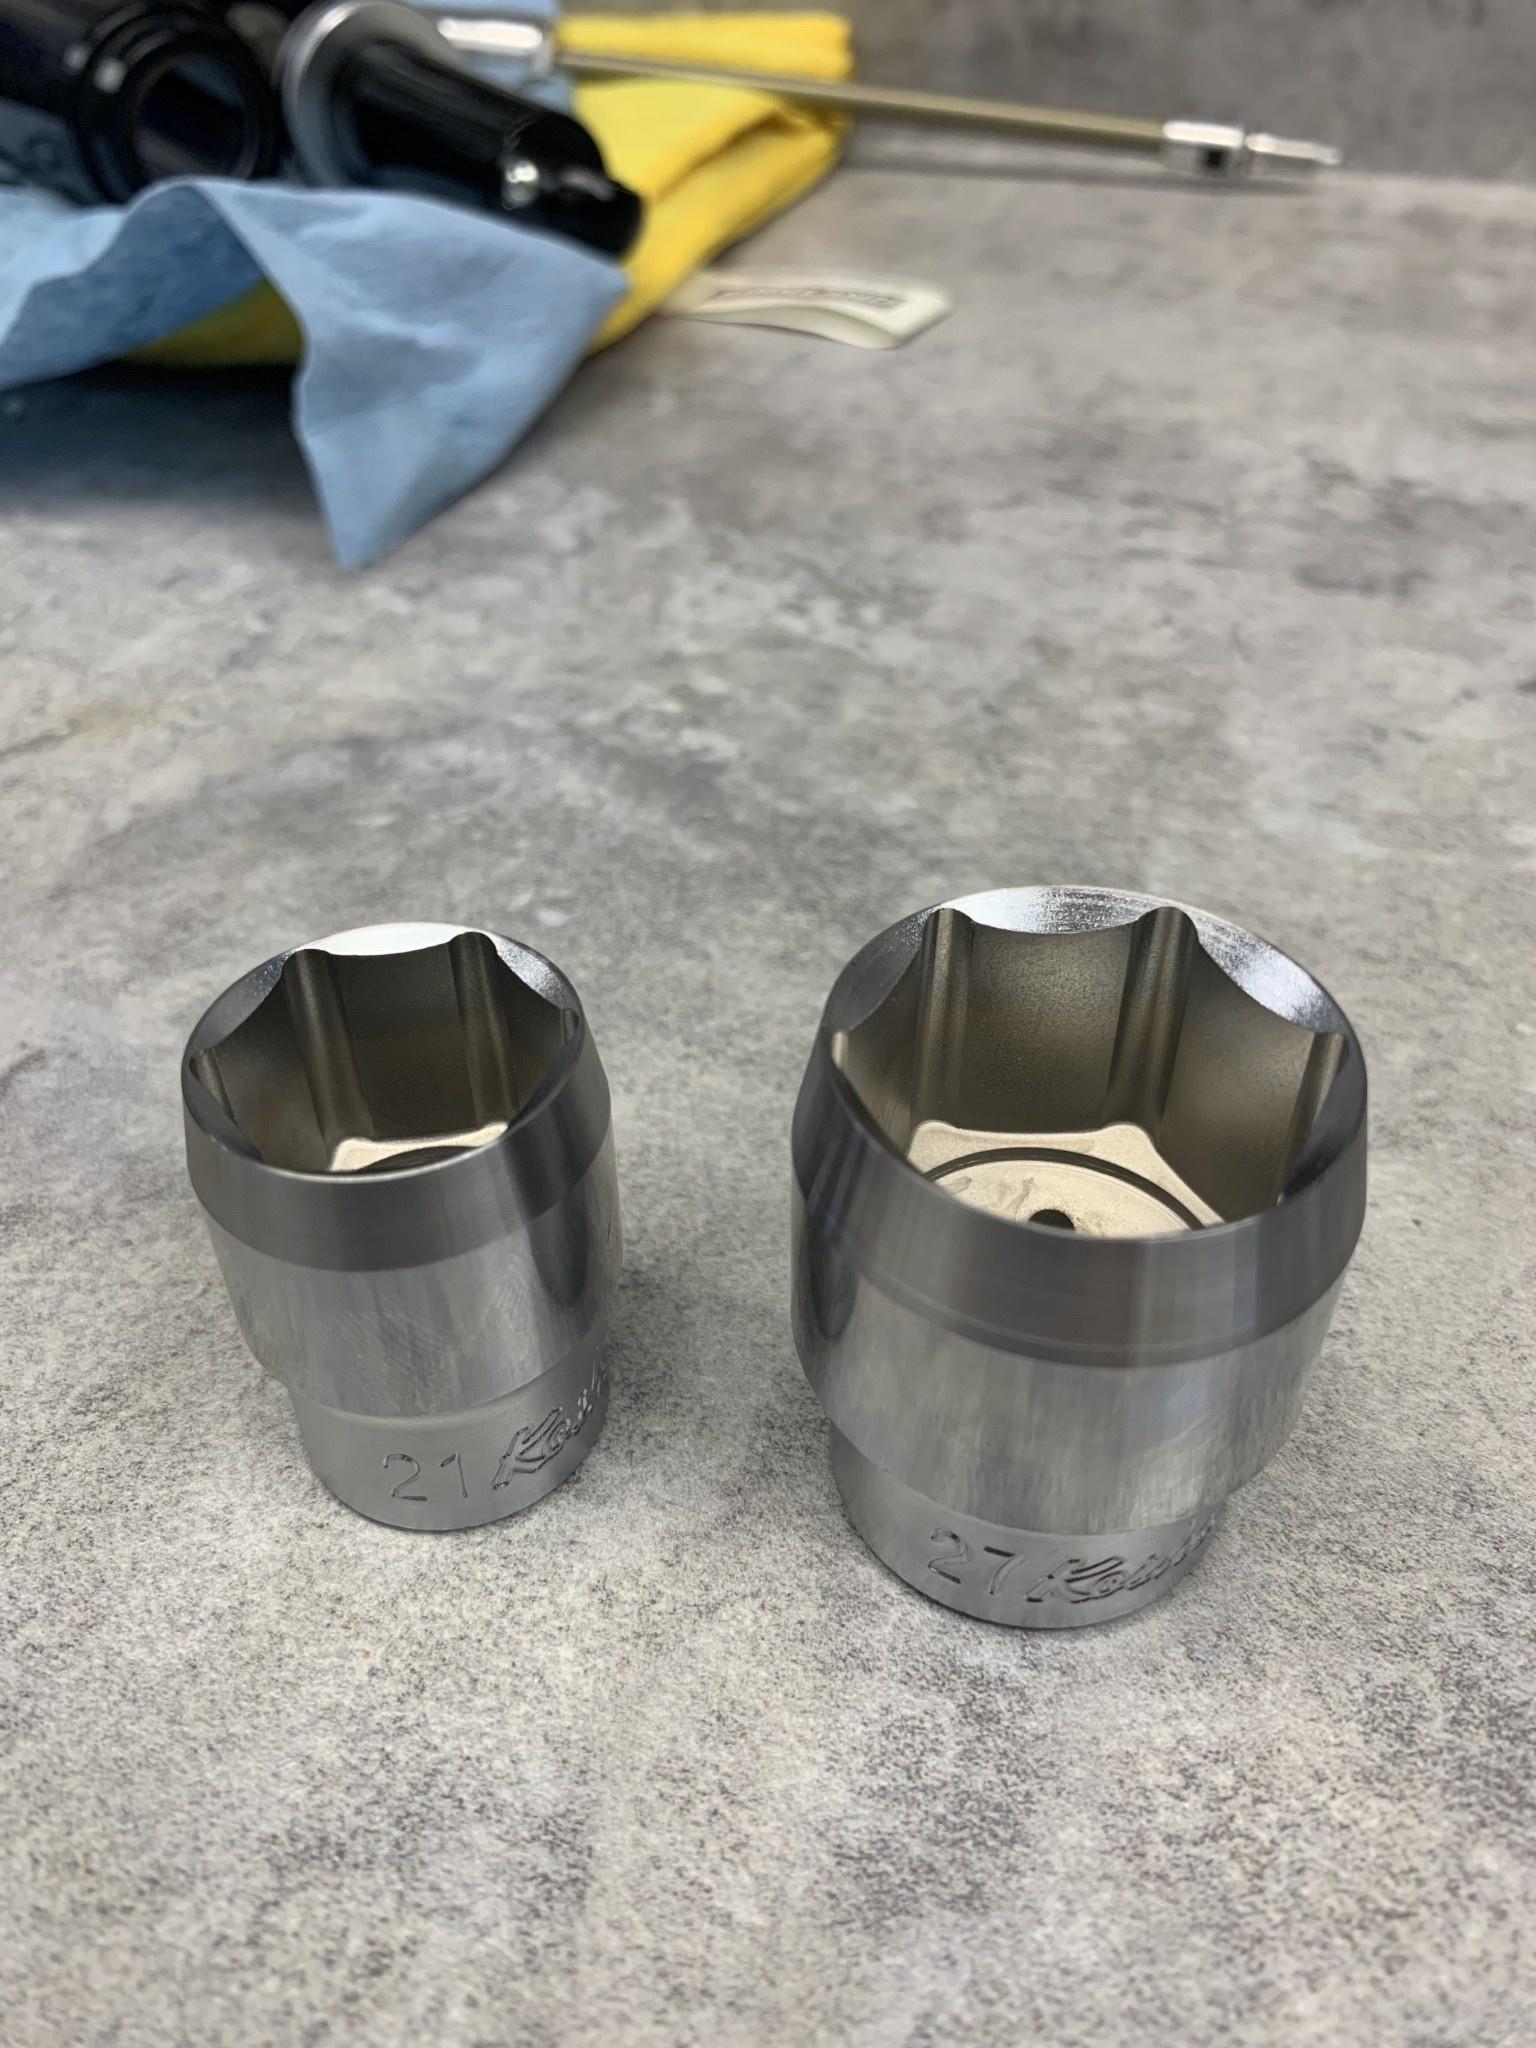 ZFC160-R 27mm shallow socket metal